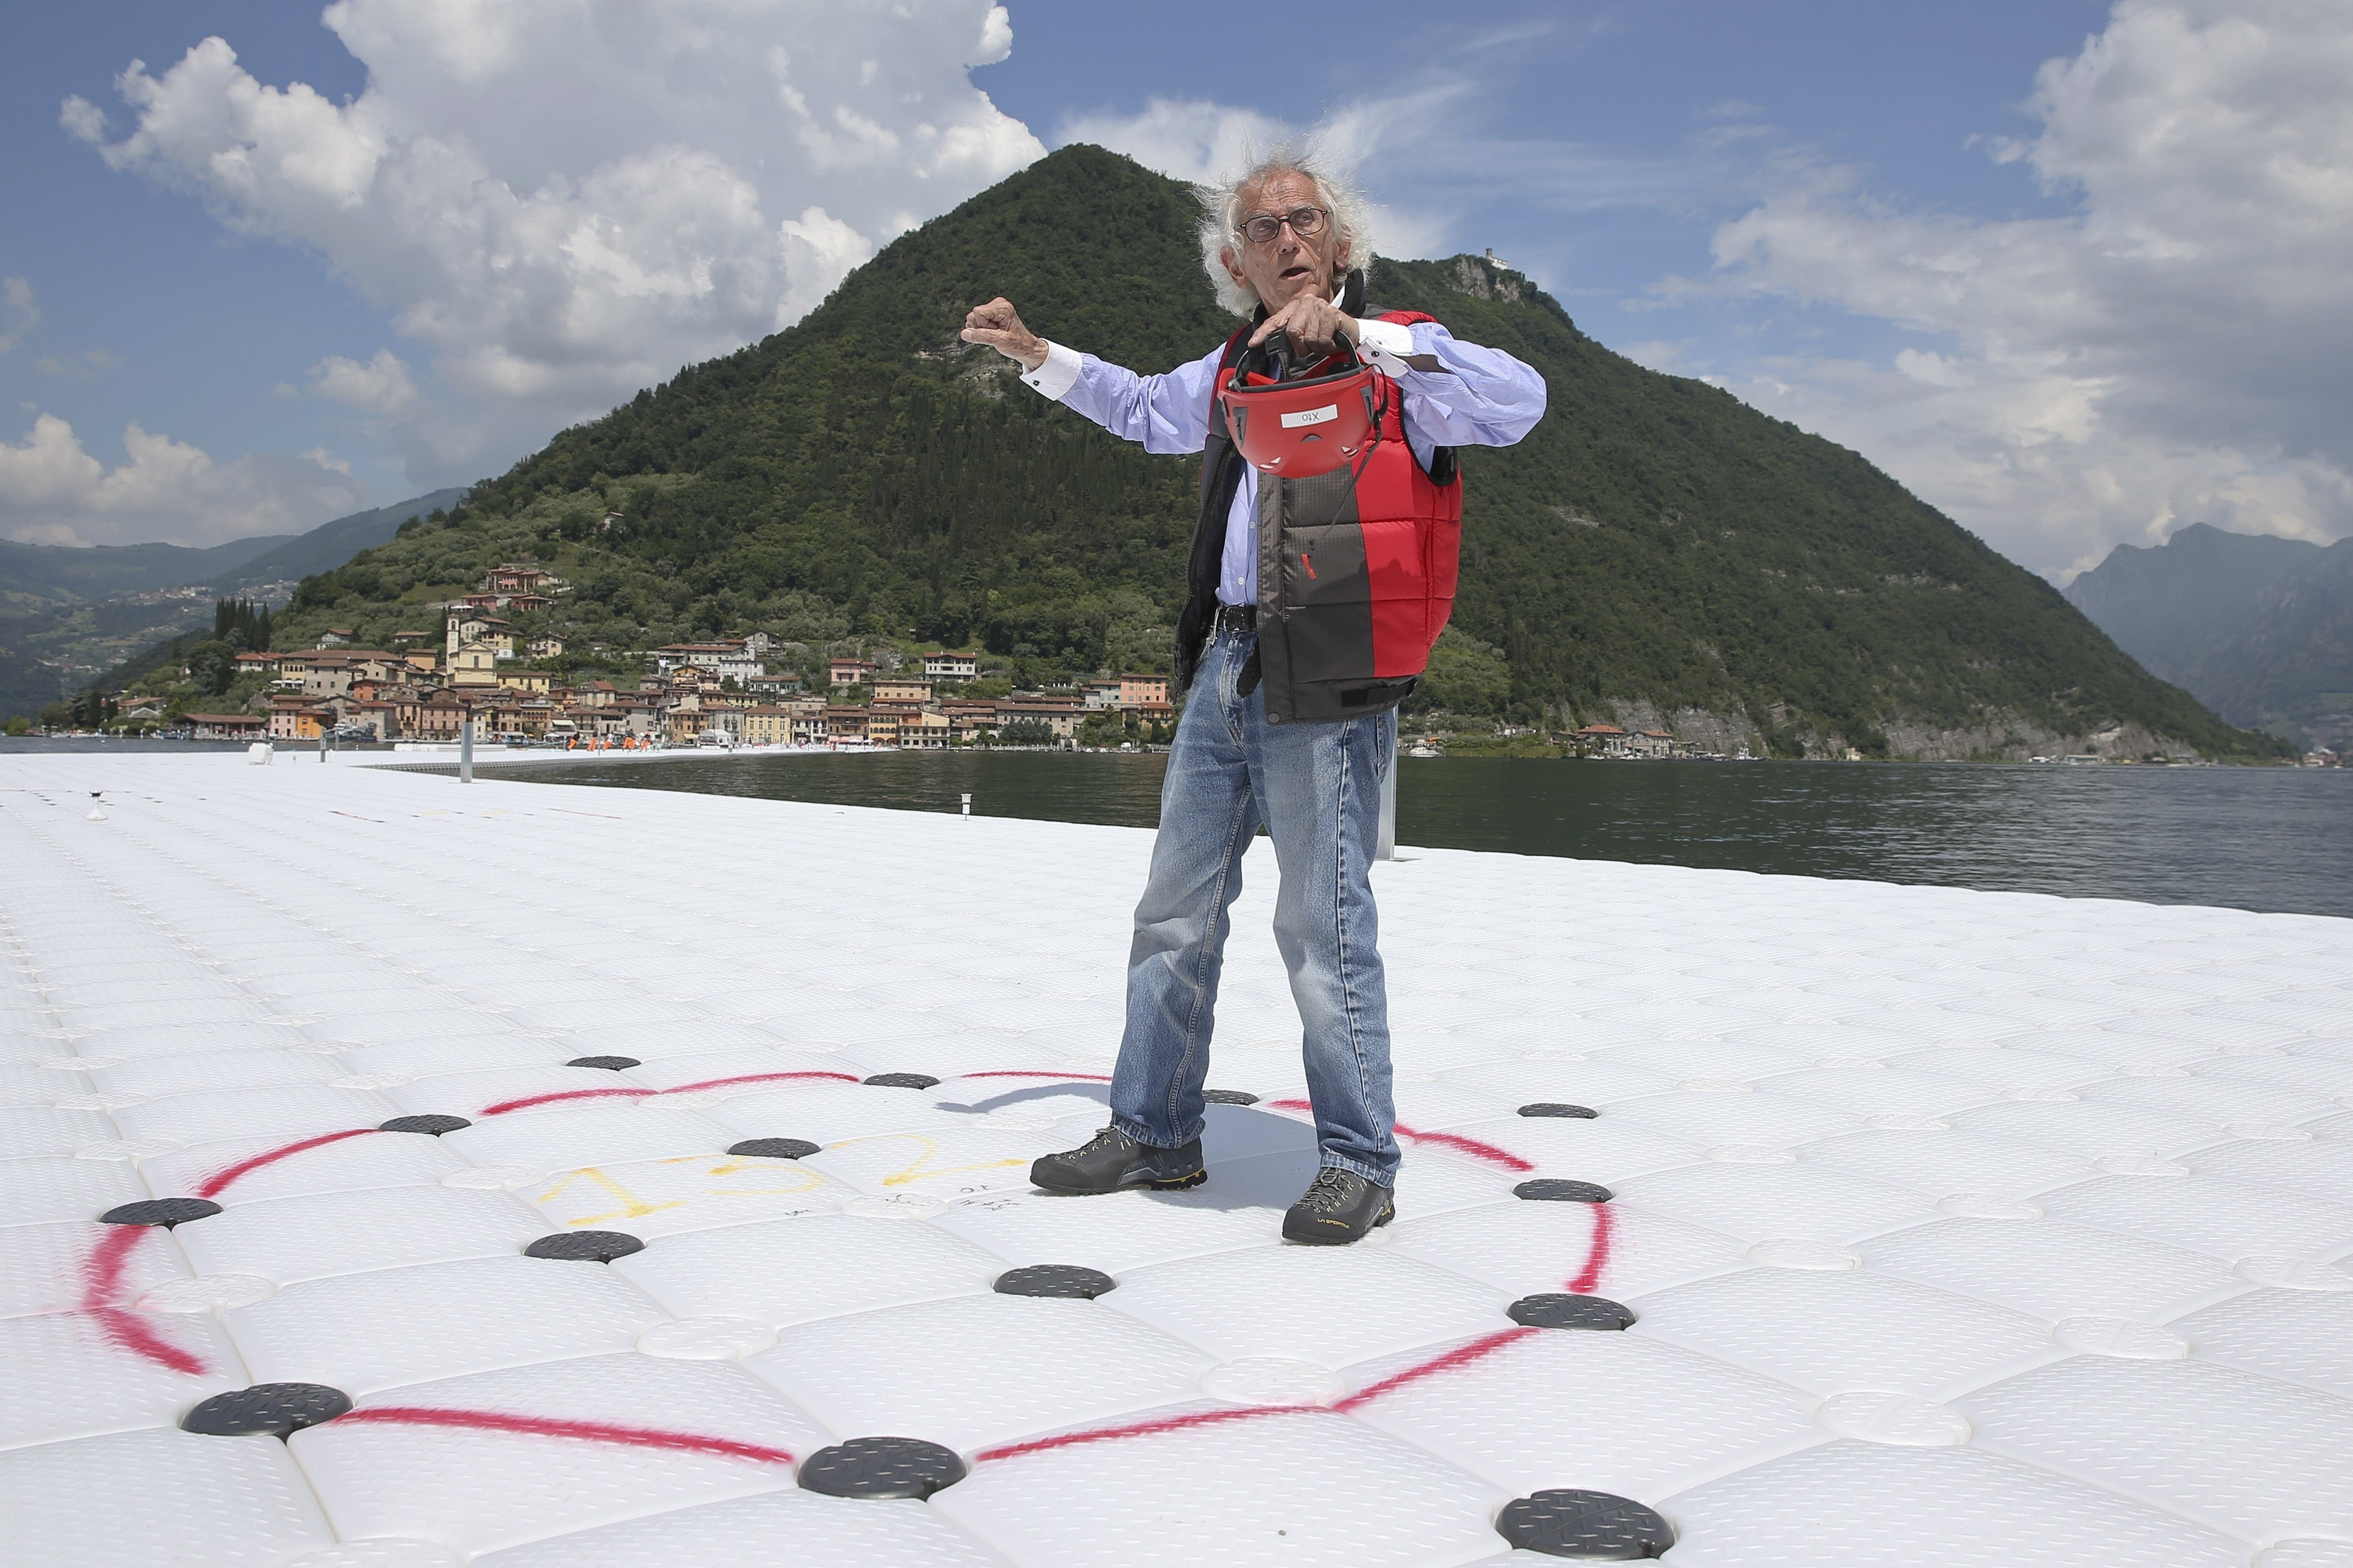 Christo auf seiner Installation The Floating Piers auf dem Iseo-See im Norden Italiens, Juni 2016.